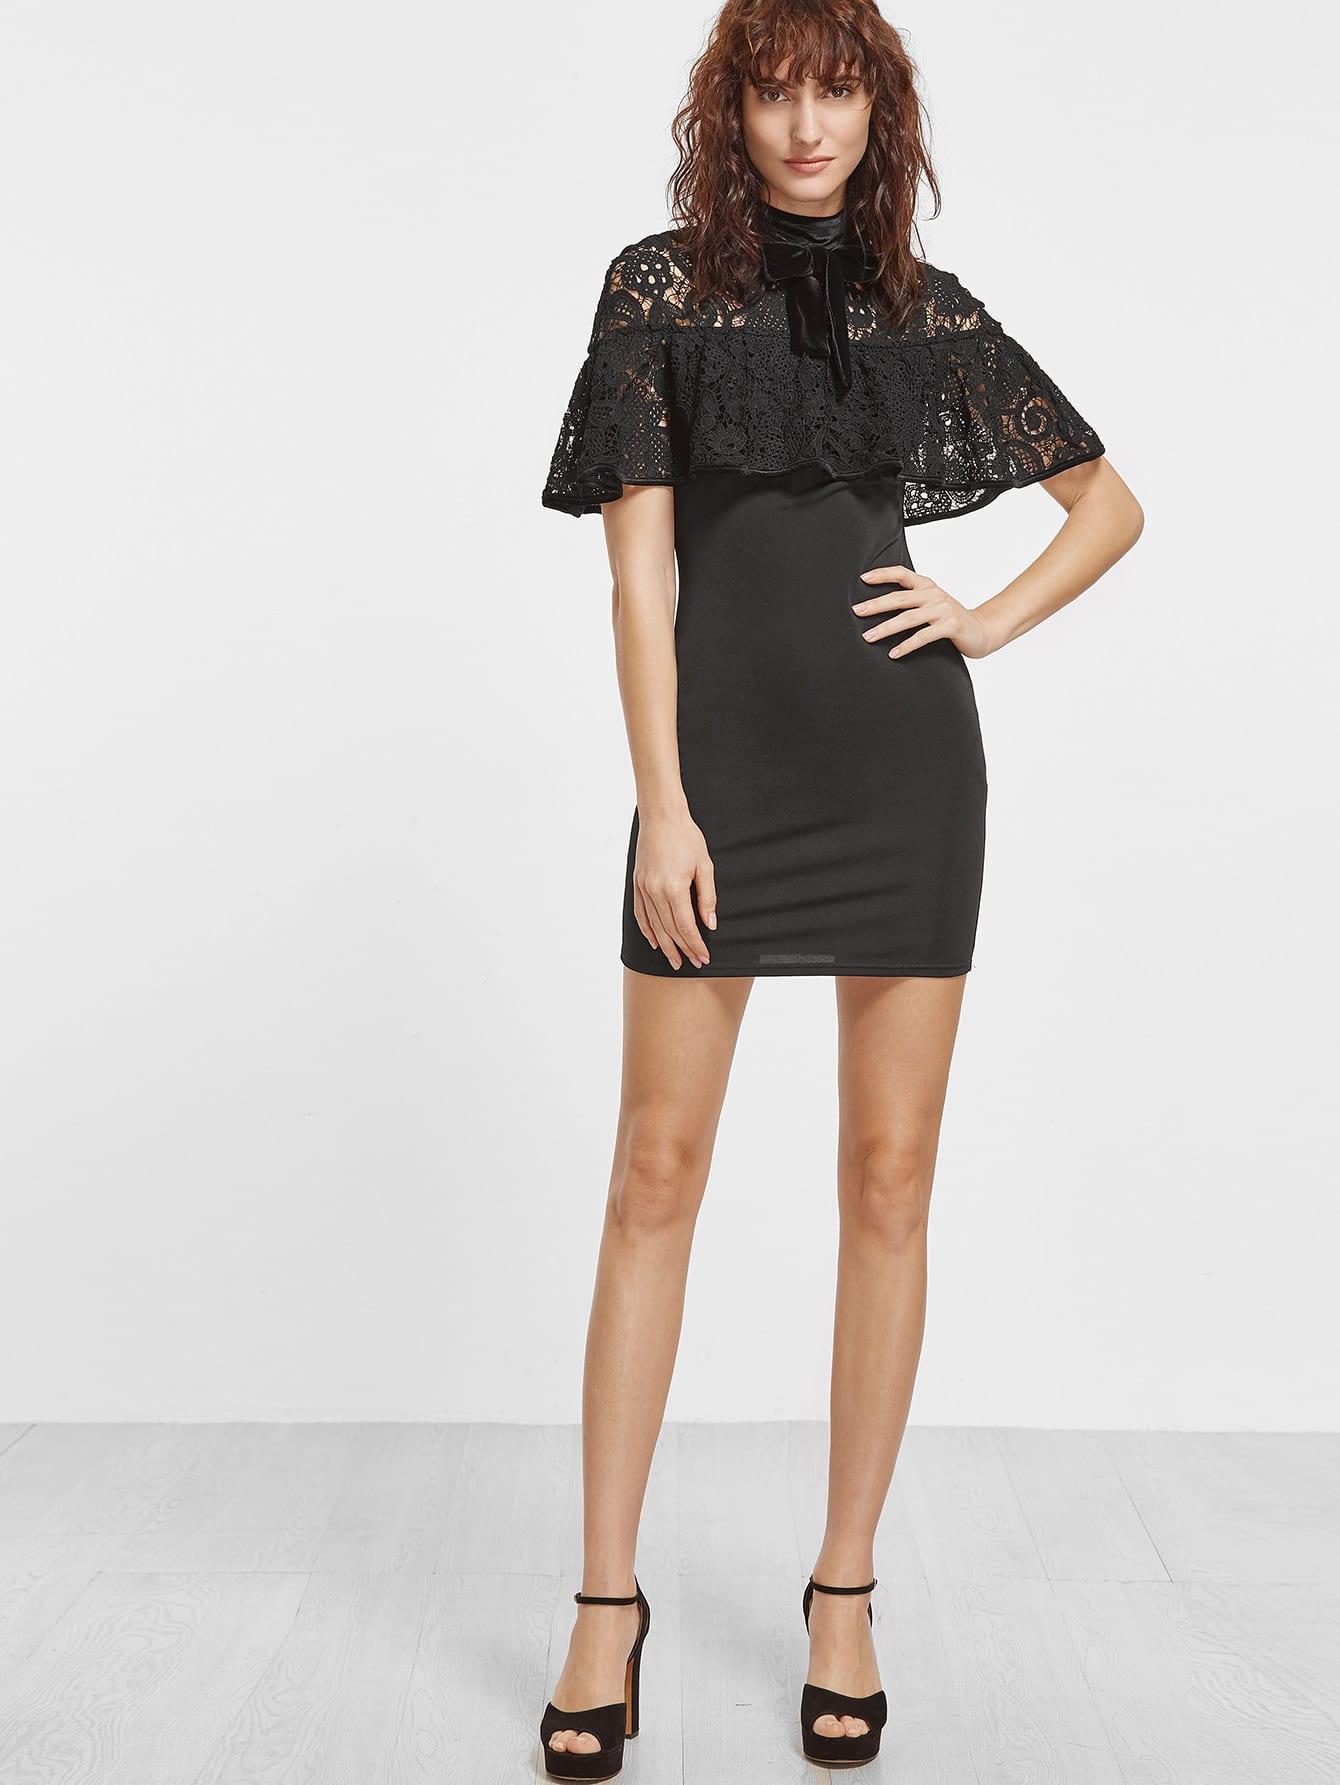 dress161202707_2